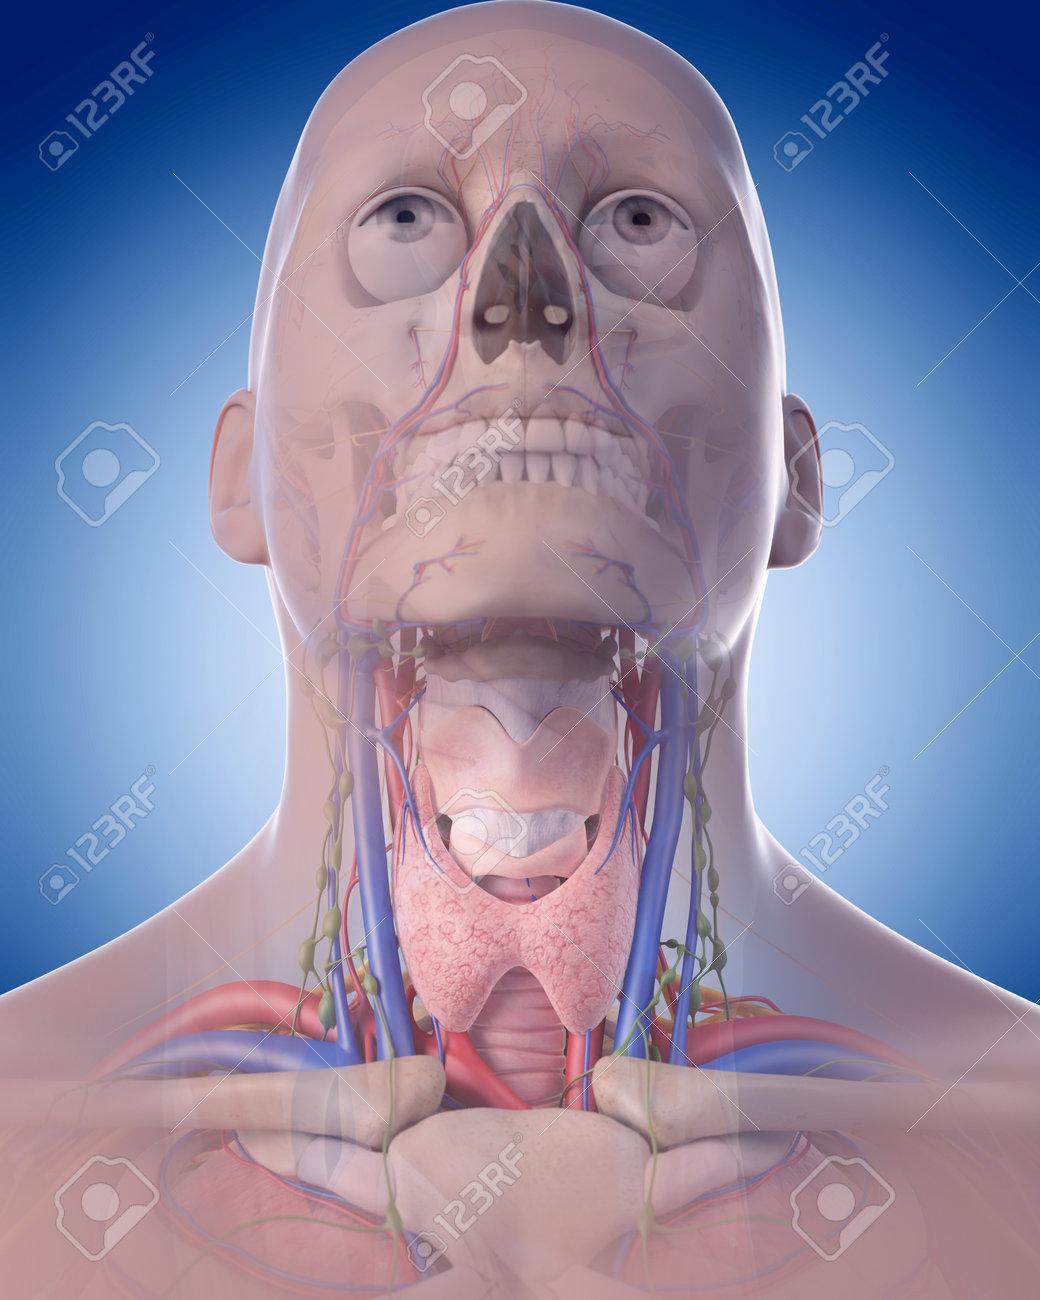 Ilustración Médica Precisa De La Anatomía Del Cuello Fotos, Retratos ...